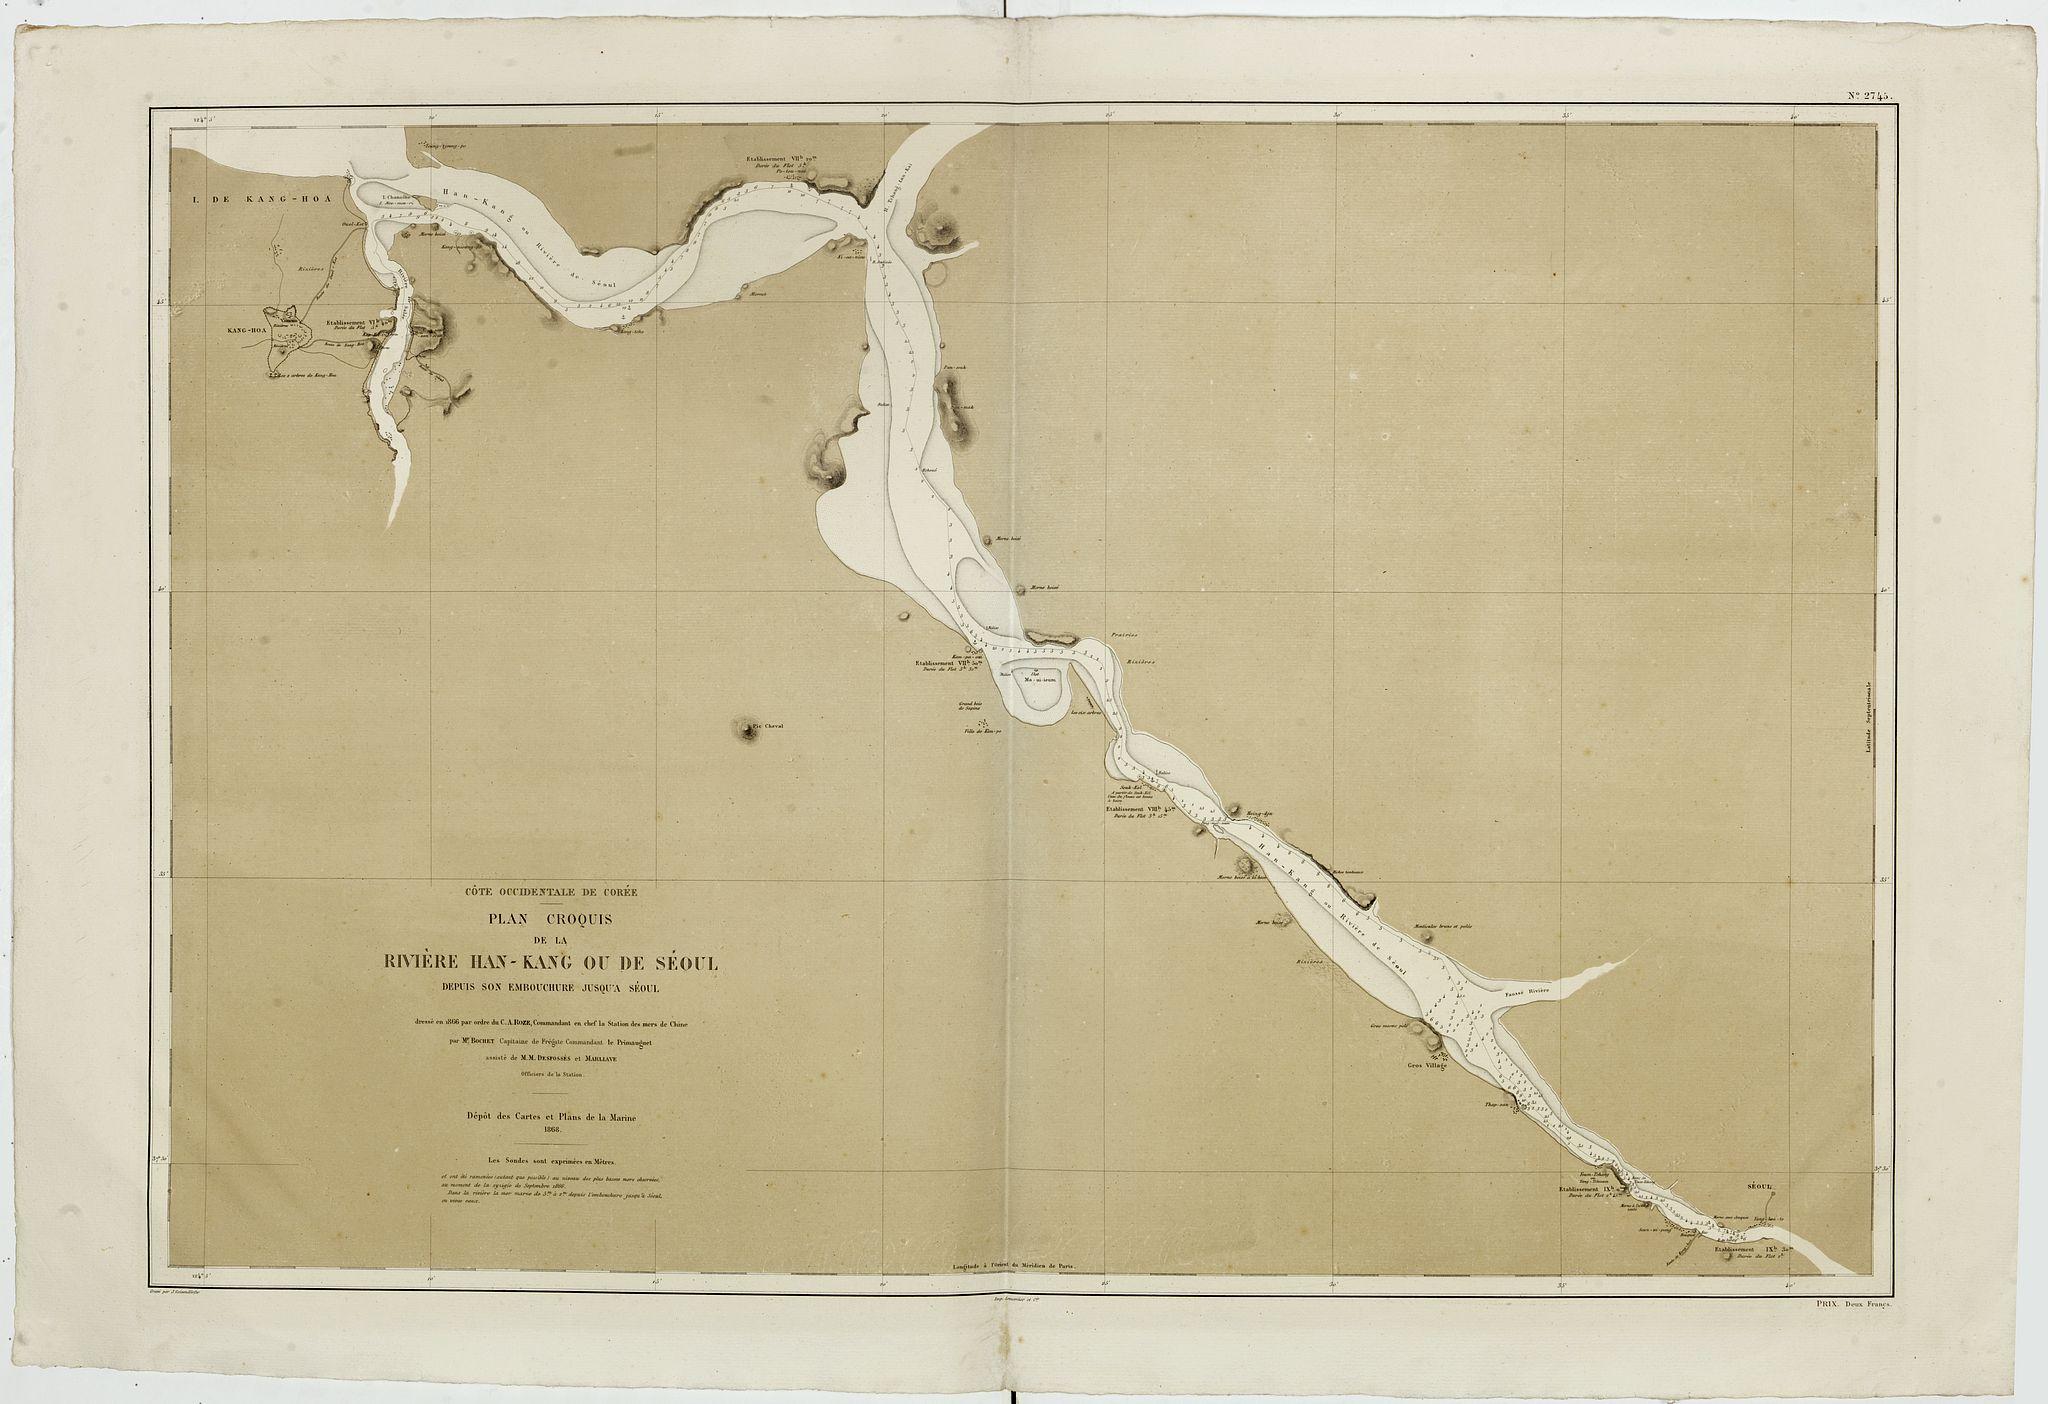 DEPOT DES CARTES ET PLANS DE LA MARINE -  CARTE de la Côte Occidentale de COREE, Plan Croquis de la Rivière HAN-KANG ou de SEOUL, depuis son Embouchure jusqu'à Séoul, dressée en 1866 par ordre du C.A. ROZE. . .